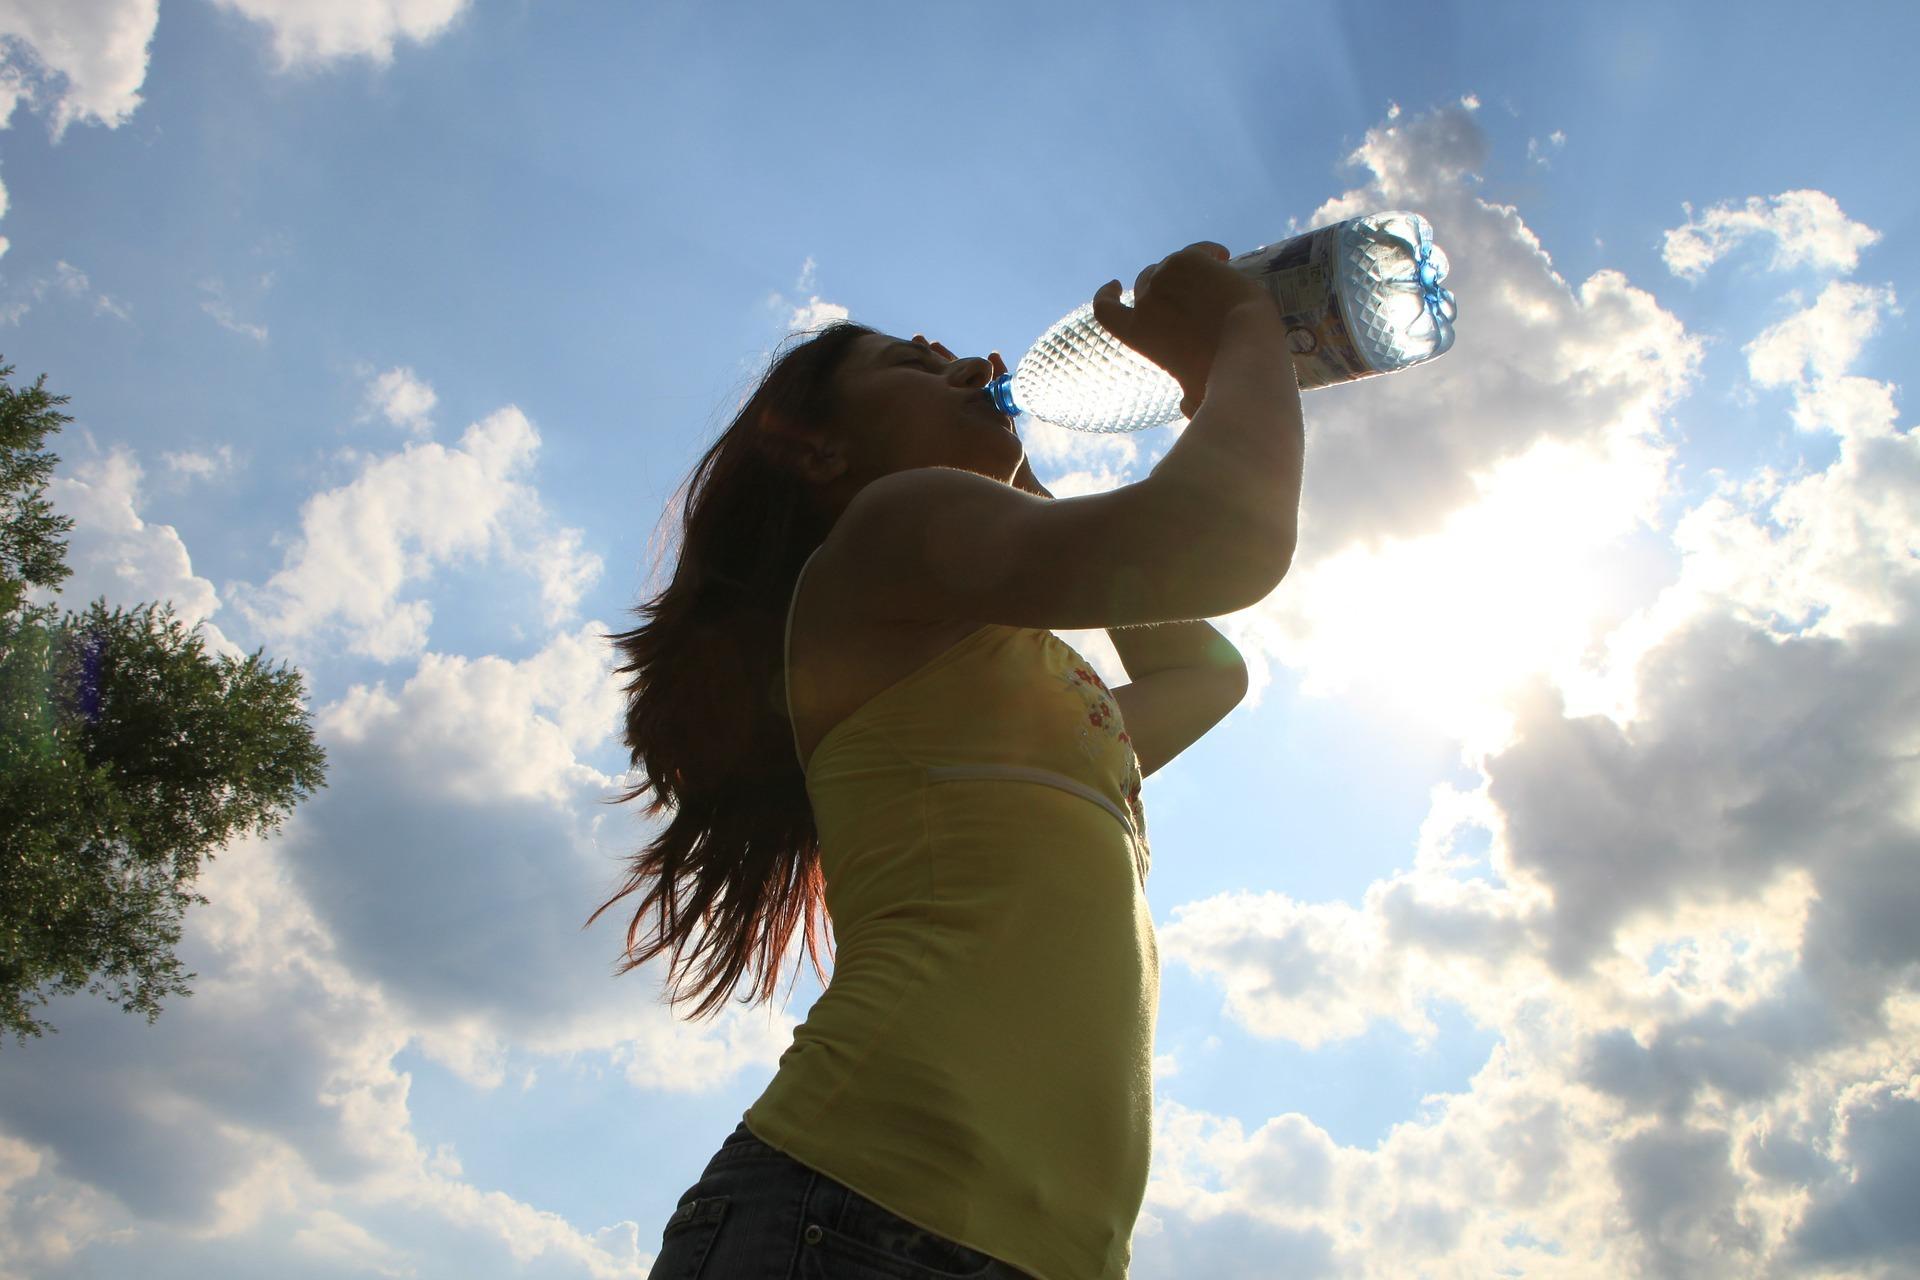 pitie vody slnko obloha leto žena